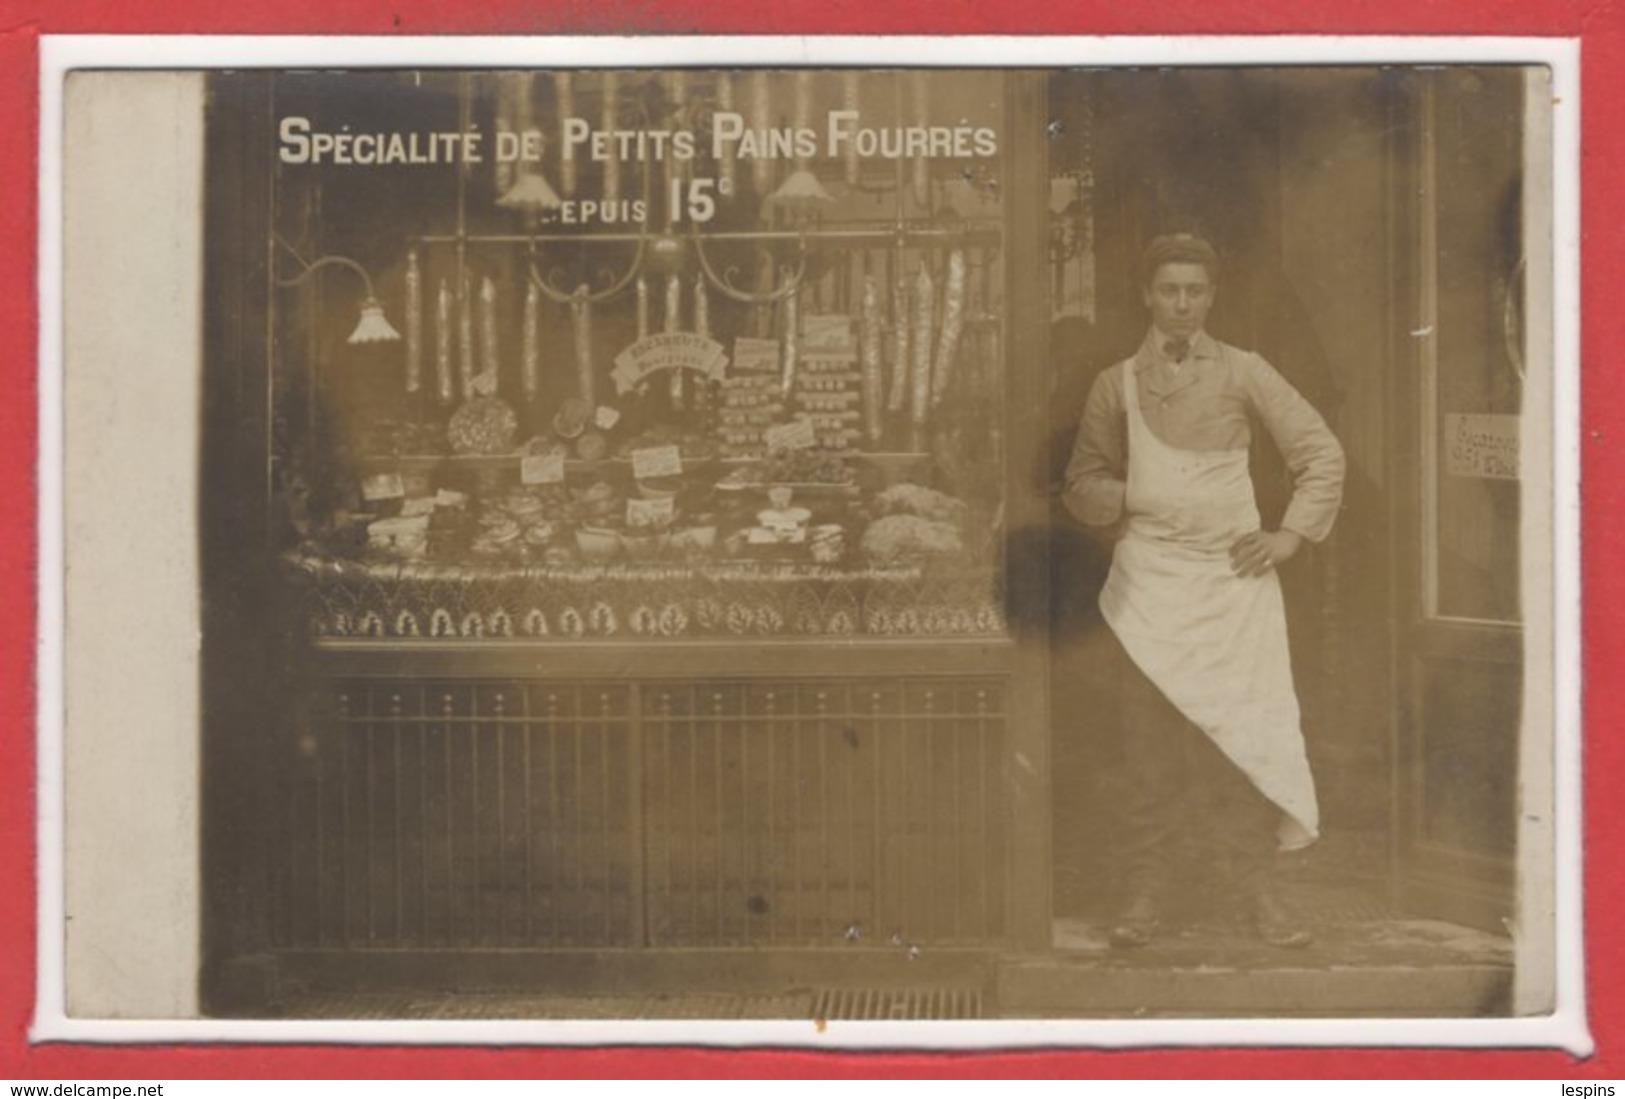 A IDENTIFIE - Carte Photo - Spécialité De Petits Pains Fourrés - A Identifier